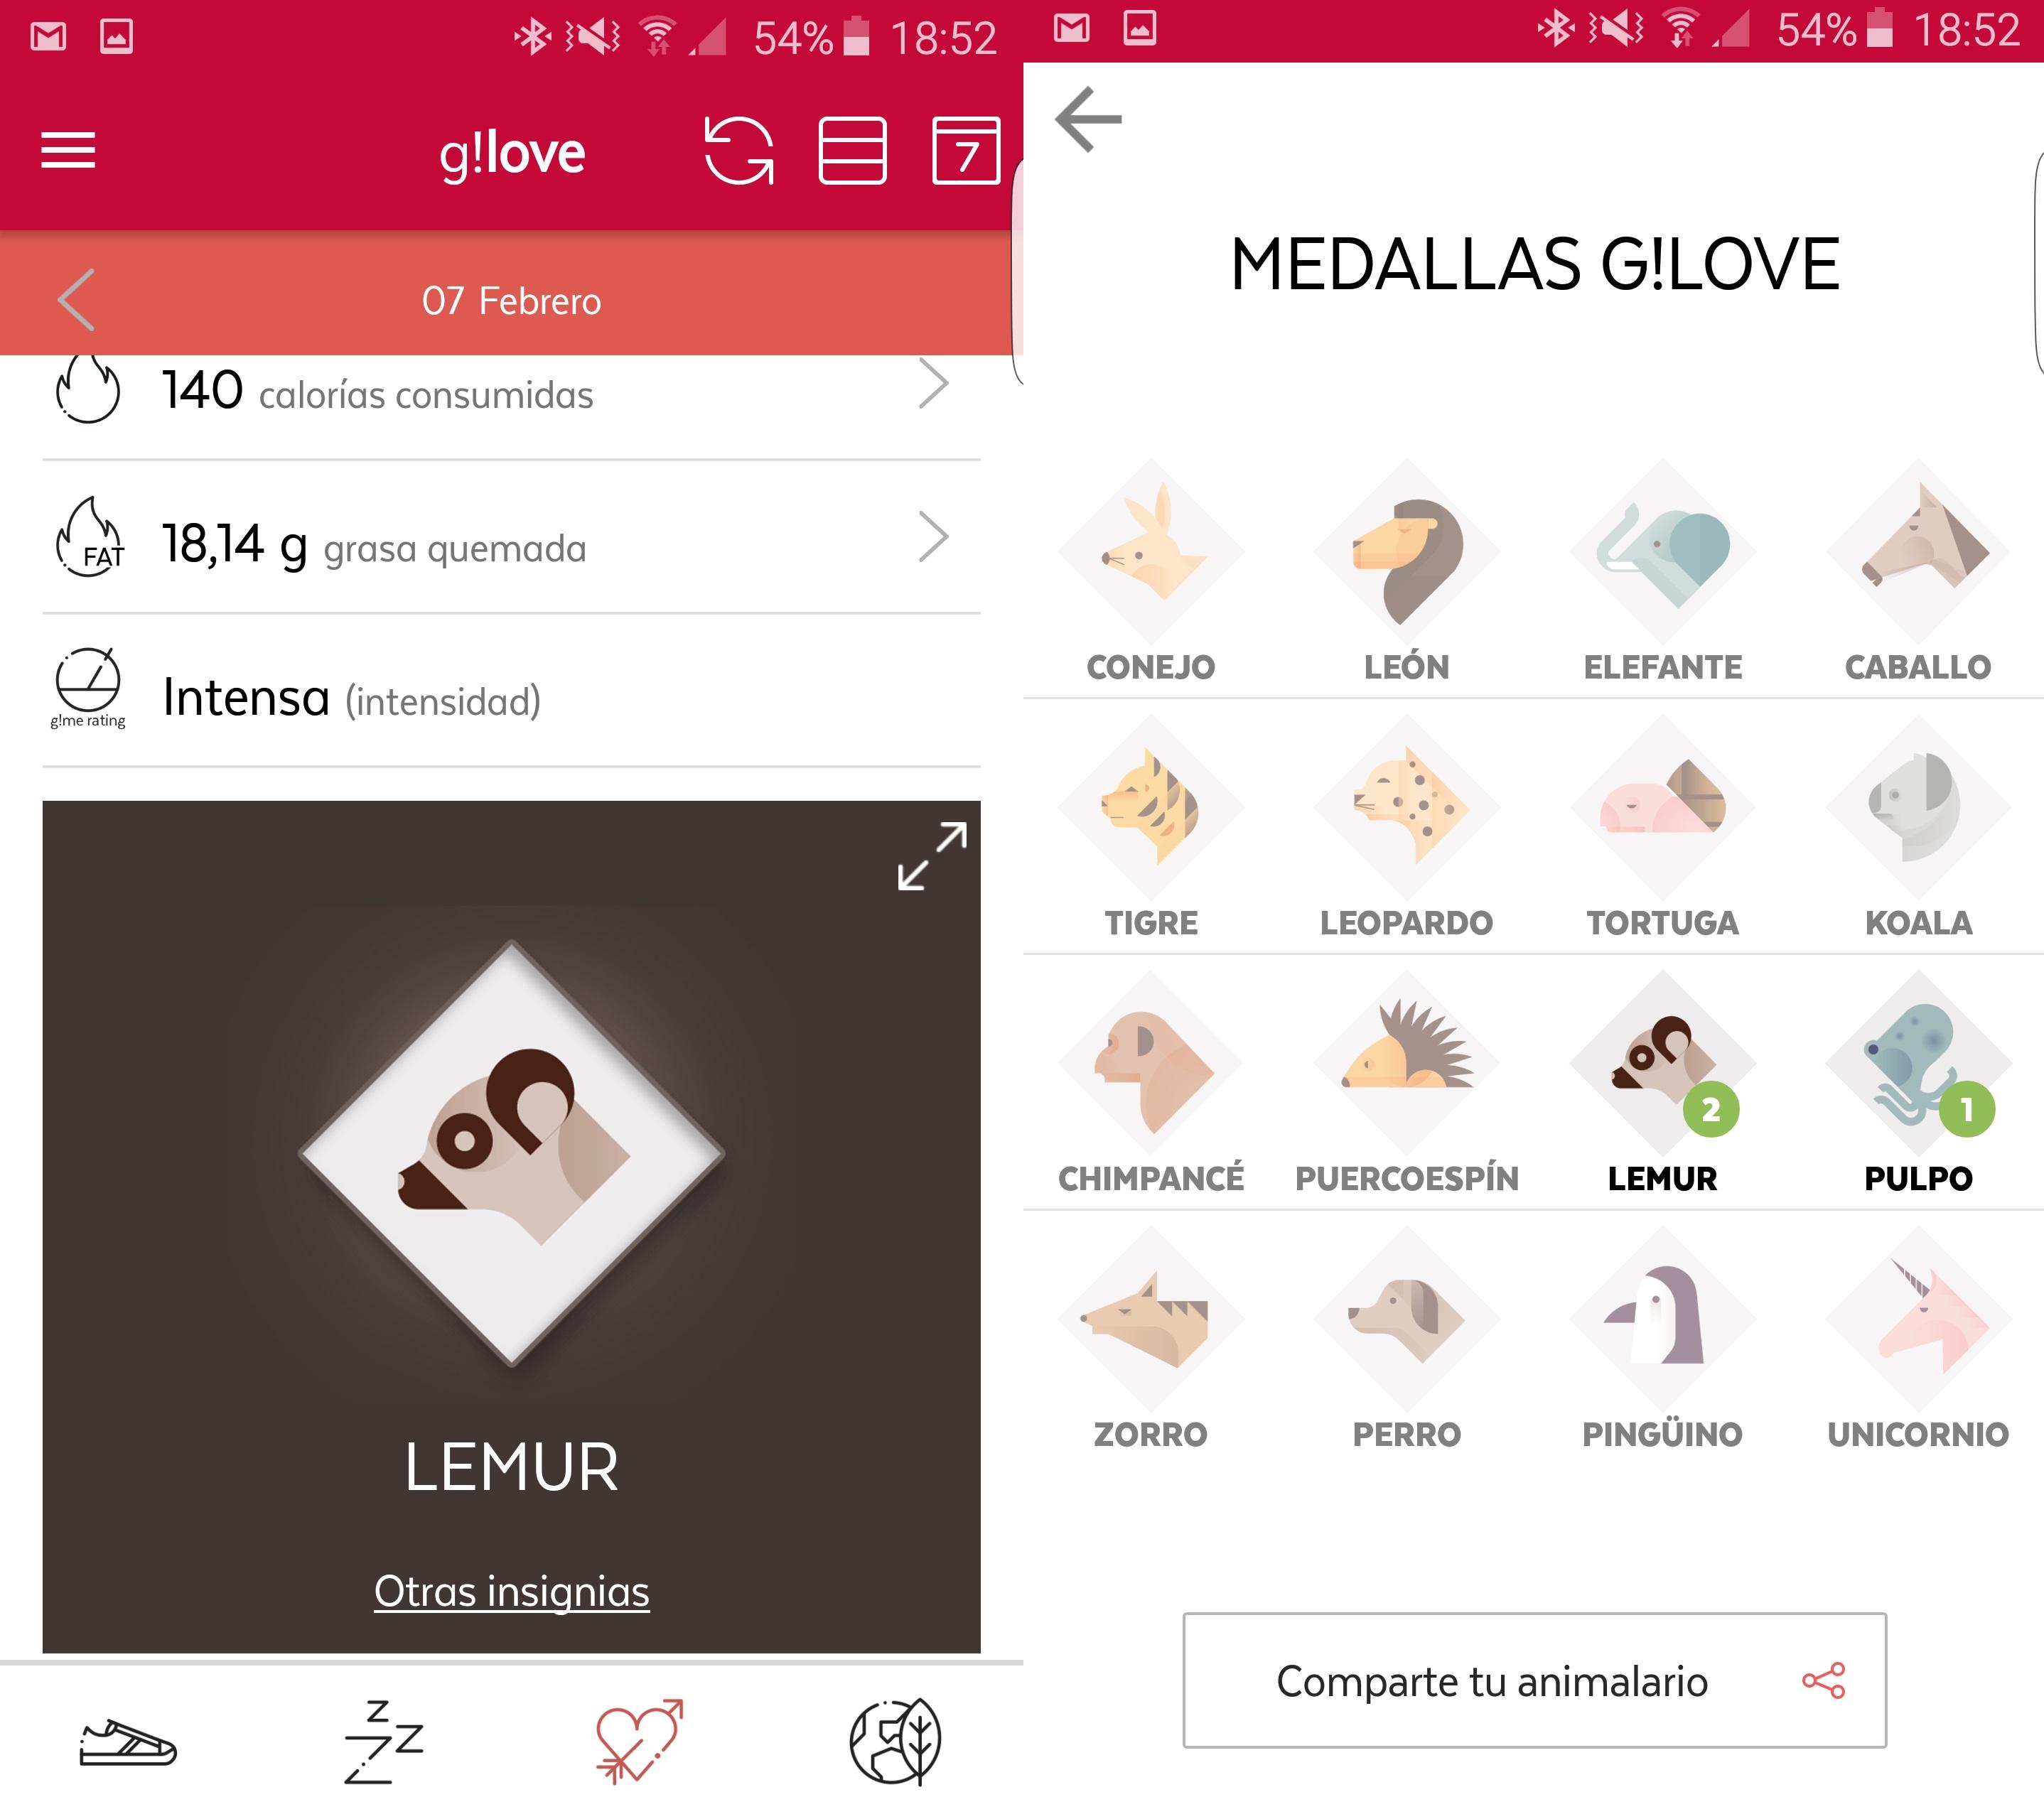 glove - 2